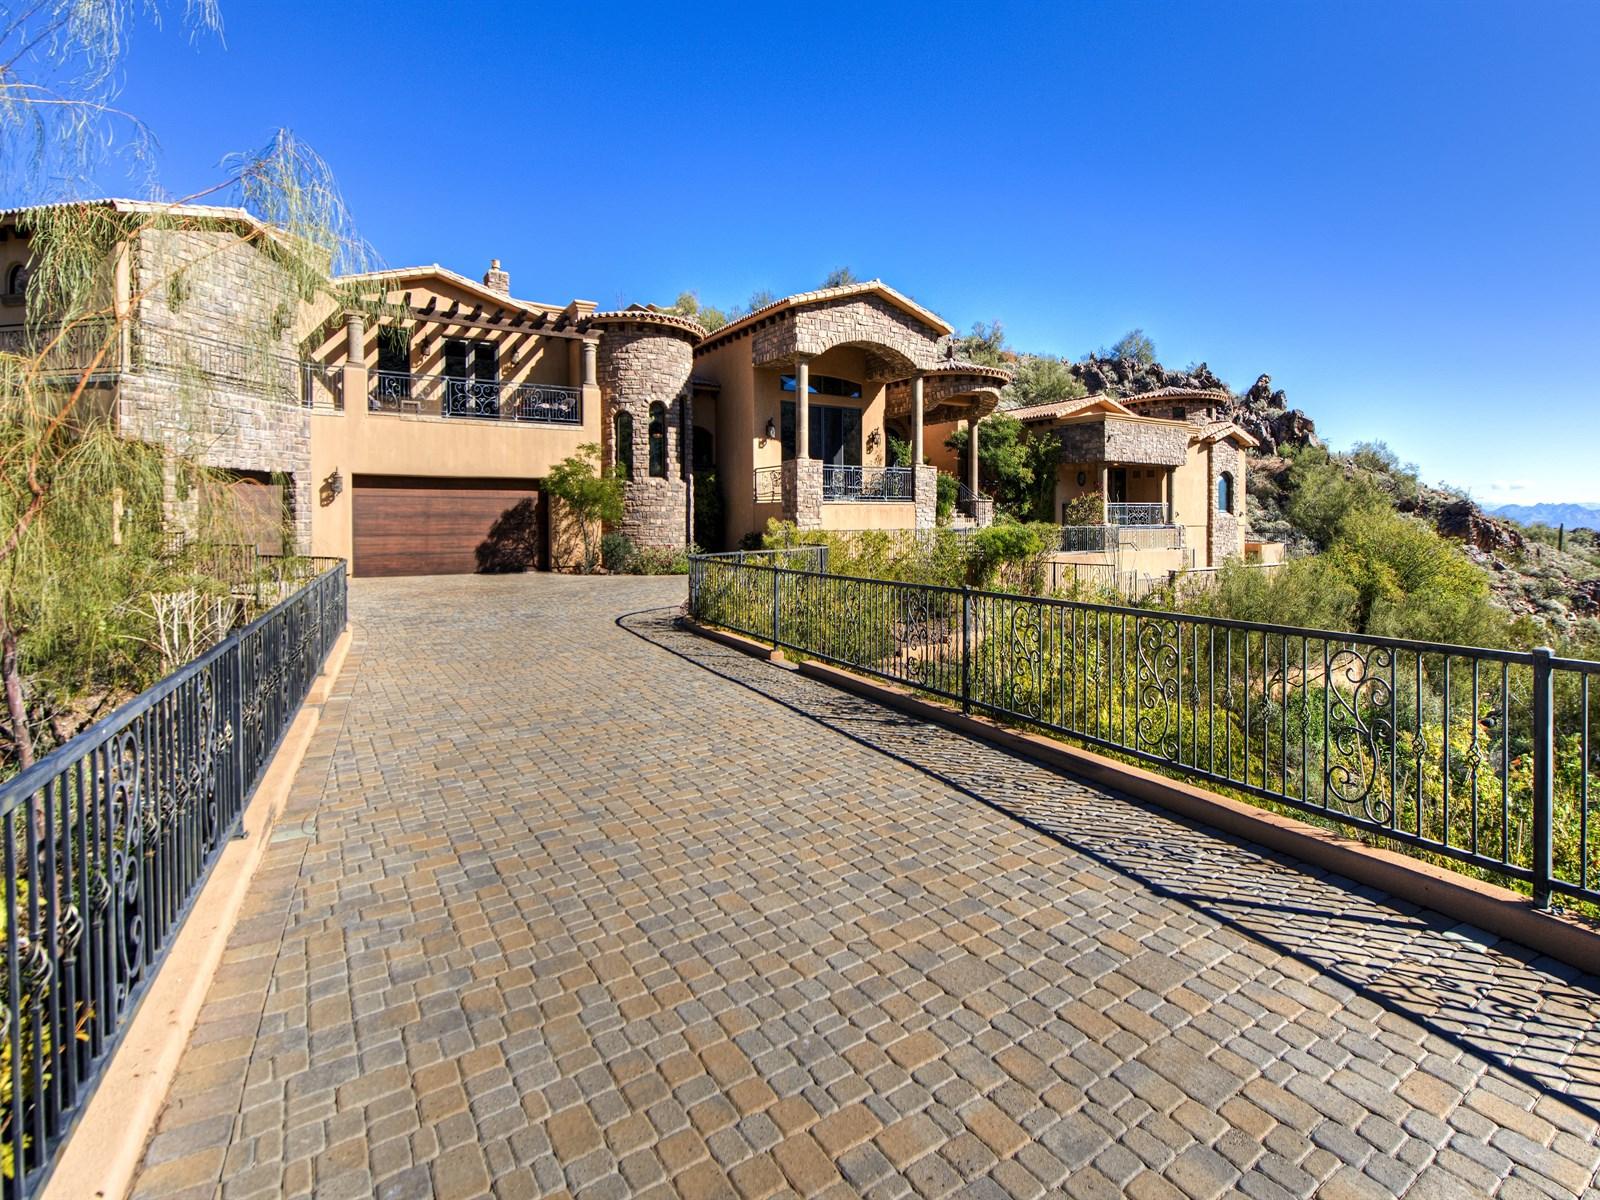 Maison unifamiliale pour l Vente à Magnificent Resort Style Living 14610 E Shadow Canyon Dr Fountain Hills, Arizona 85268 États-Unis